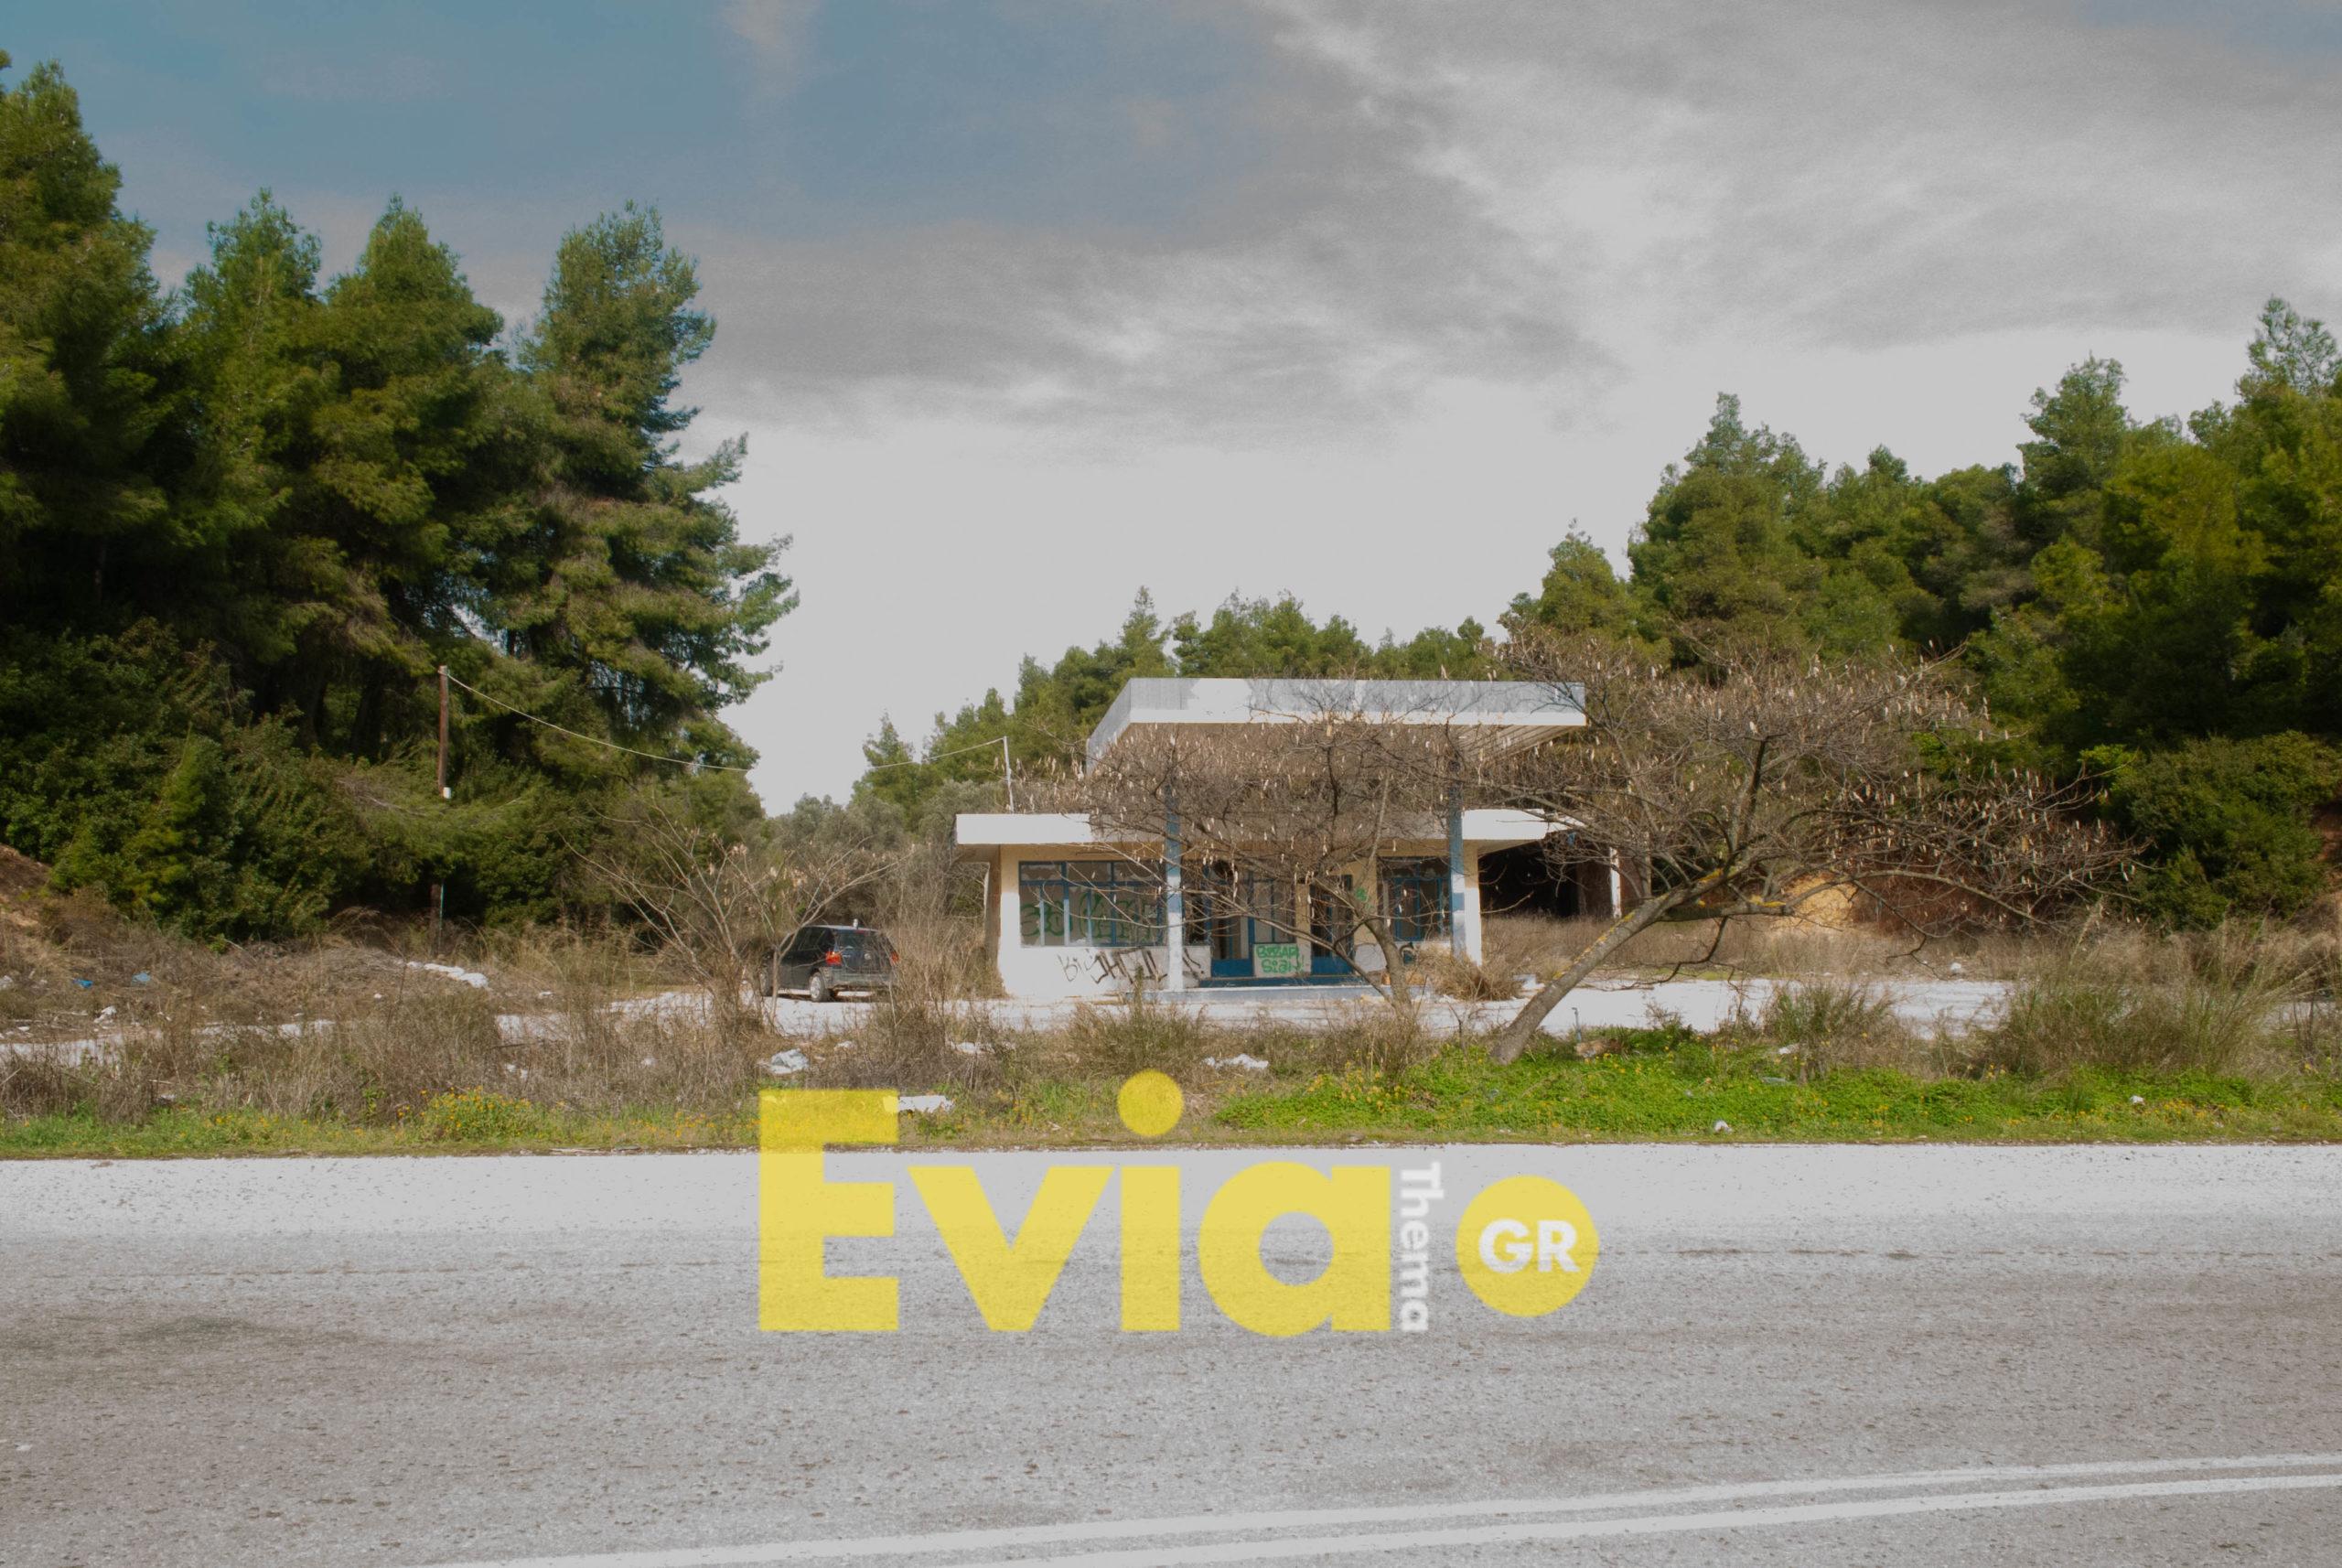 , Ενοικιάζεται οικόπεδο 7 στρεμμάτων στα Ψαχνά, Eviathema.gr | Εύβοια Τοπ Νέα Ειδήσεις